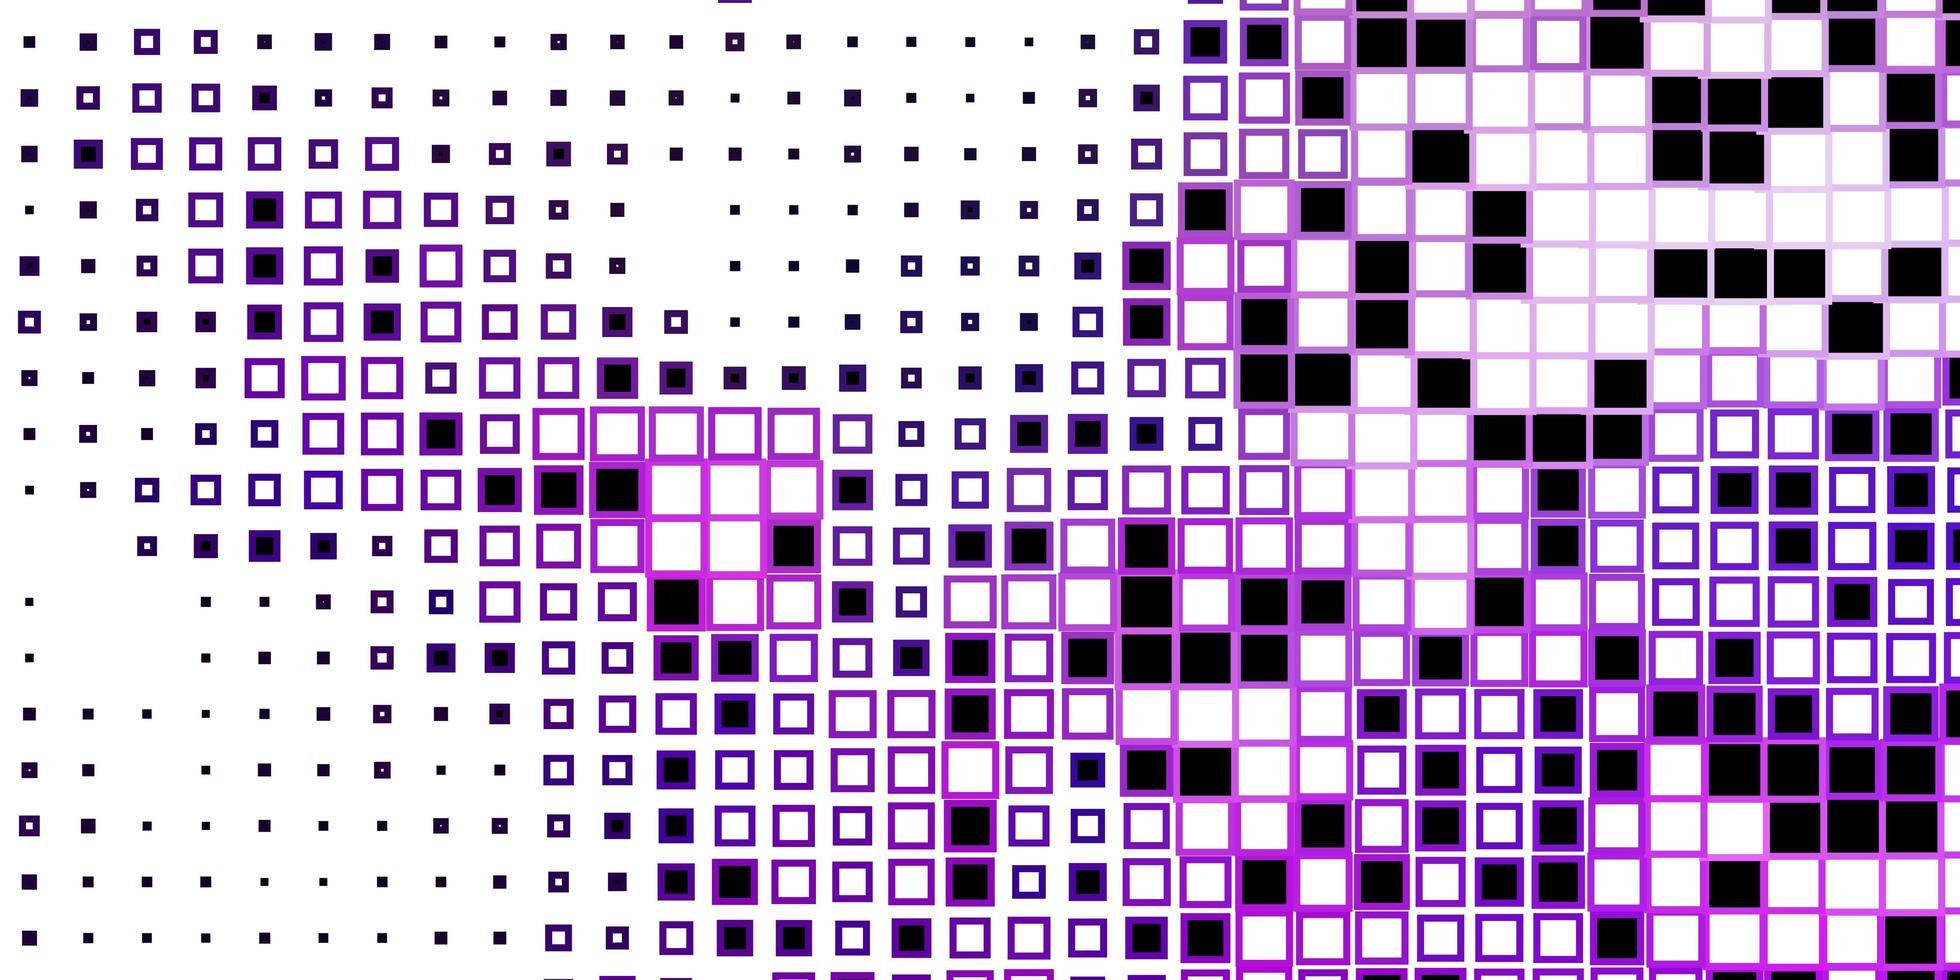 fundo vector roxo claro em estilo poligonal.